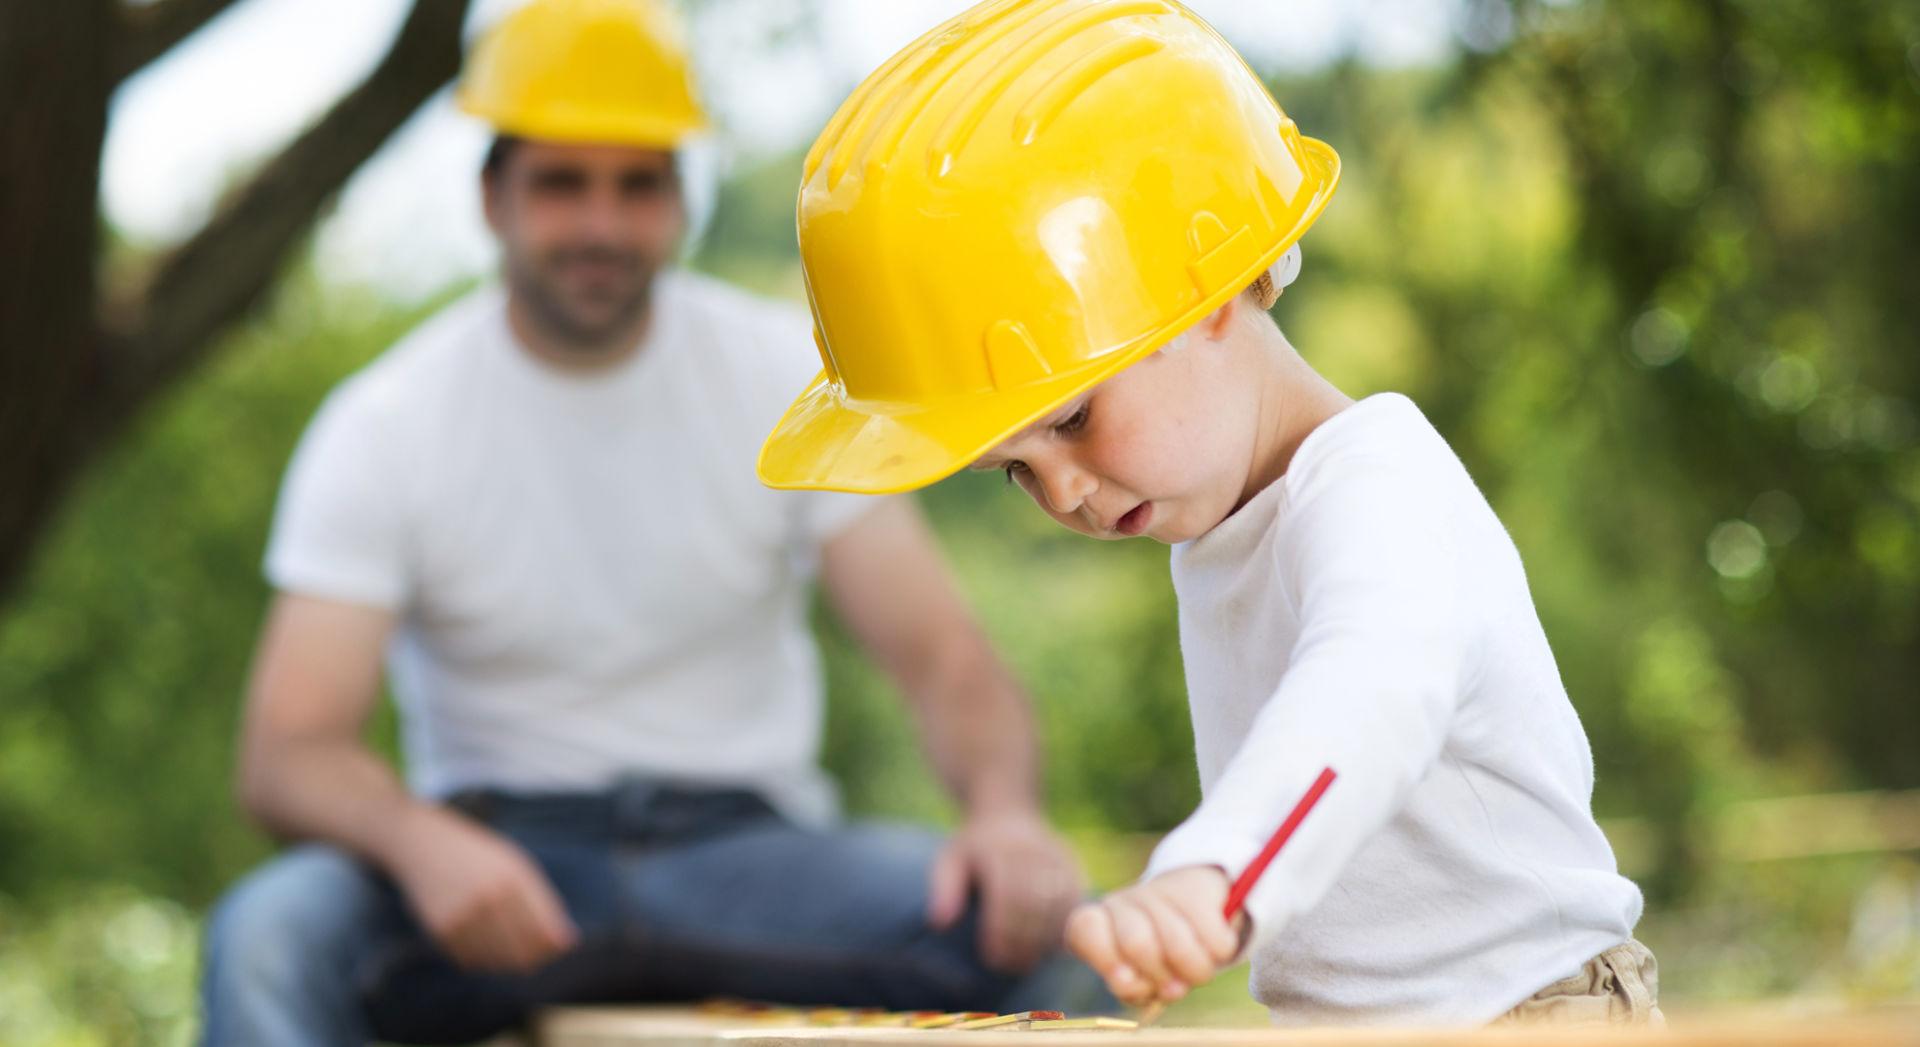 Poika rakentaa isänsä kanssa keltaisessa kypärässään